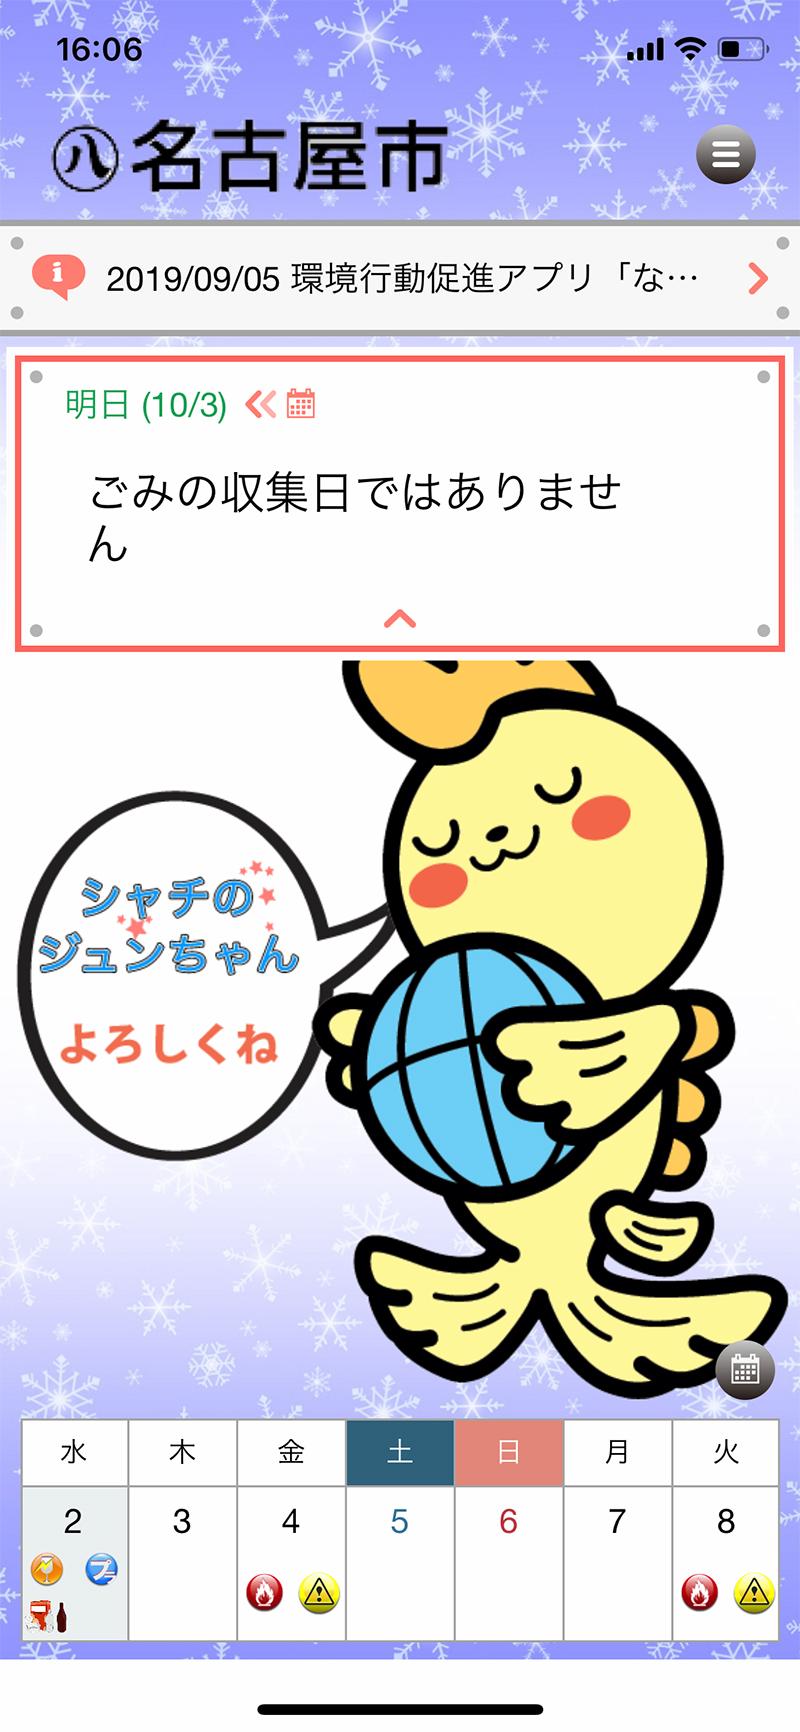 ごみ分別アプリ「さんあ〜る」の写真